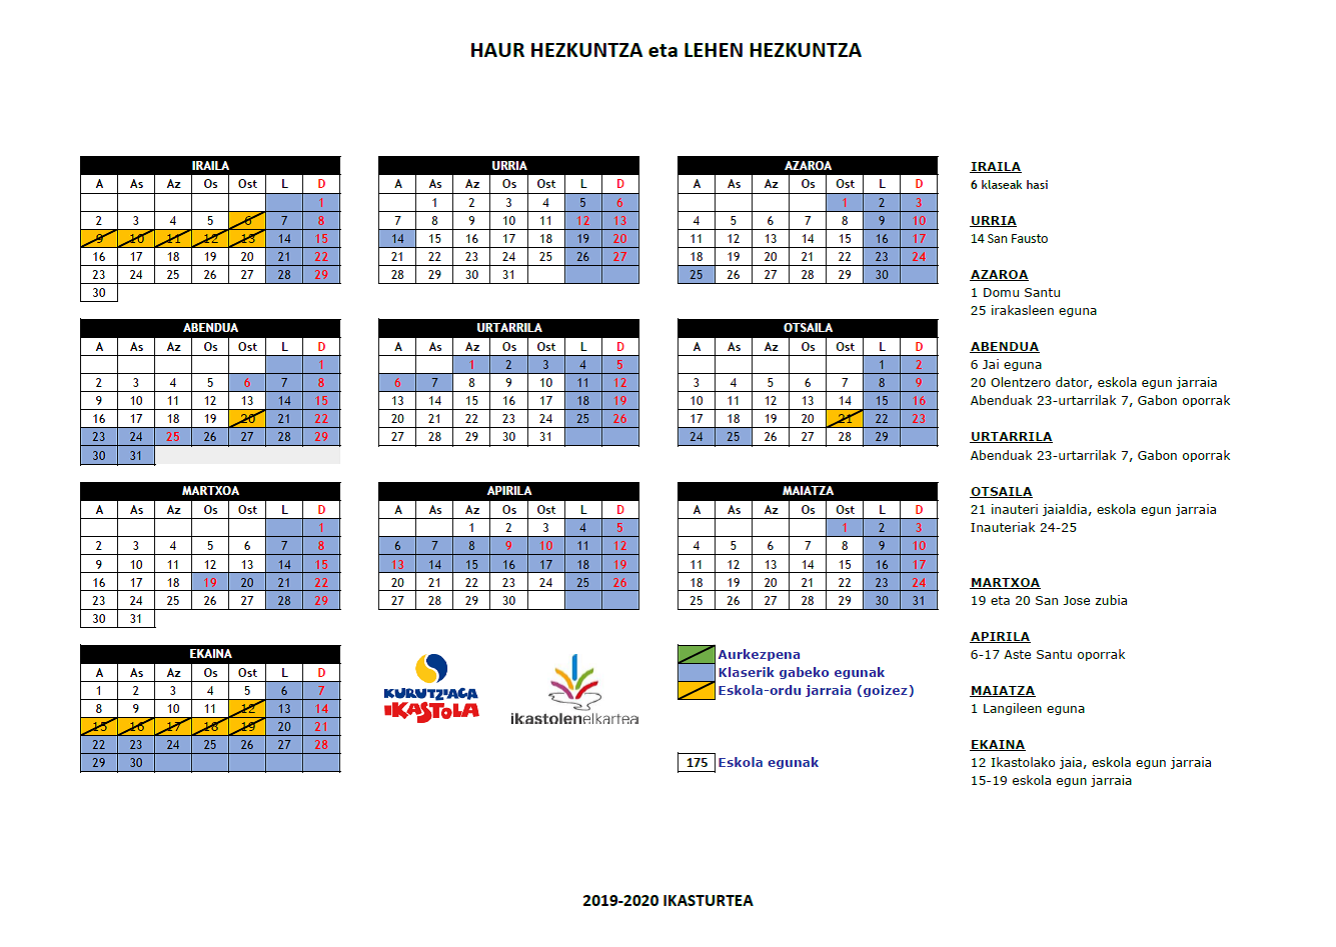 Calendario 2020 Bizkaia.Ei Y Ep Calendario Curso 2019 2020 Kurutziaga Ikastola